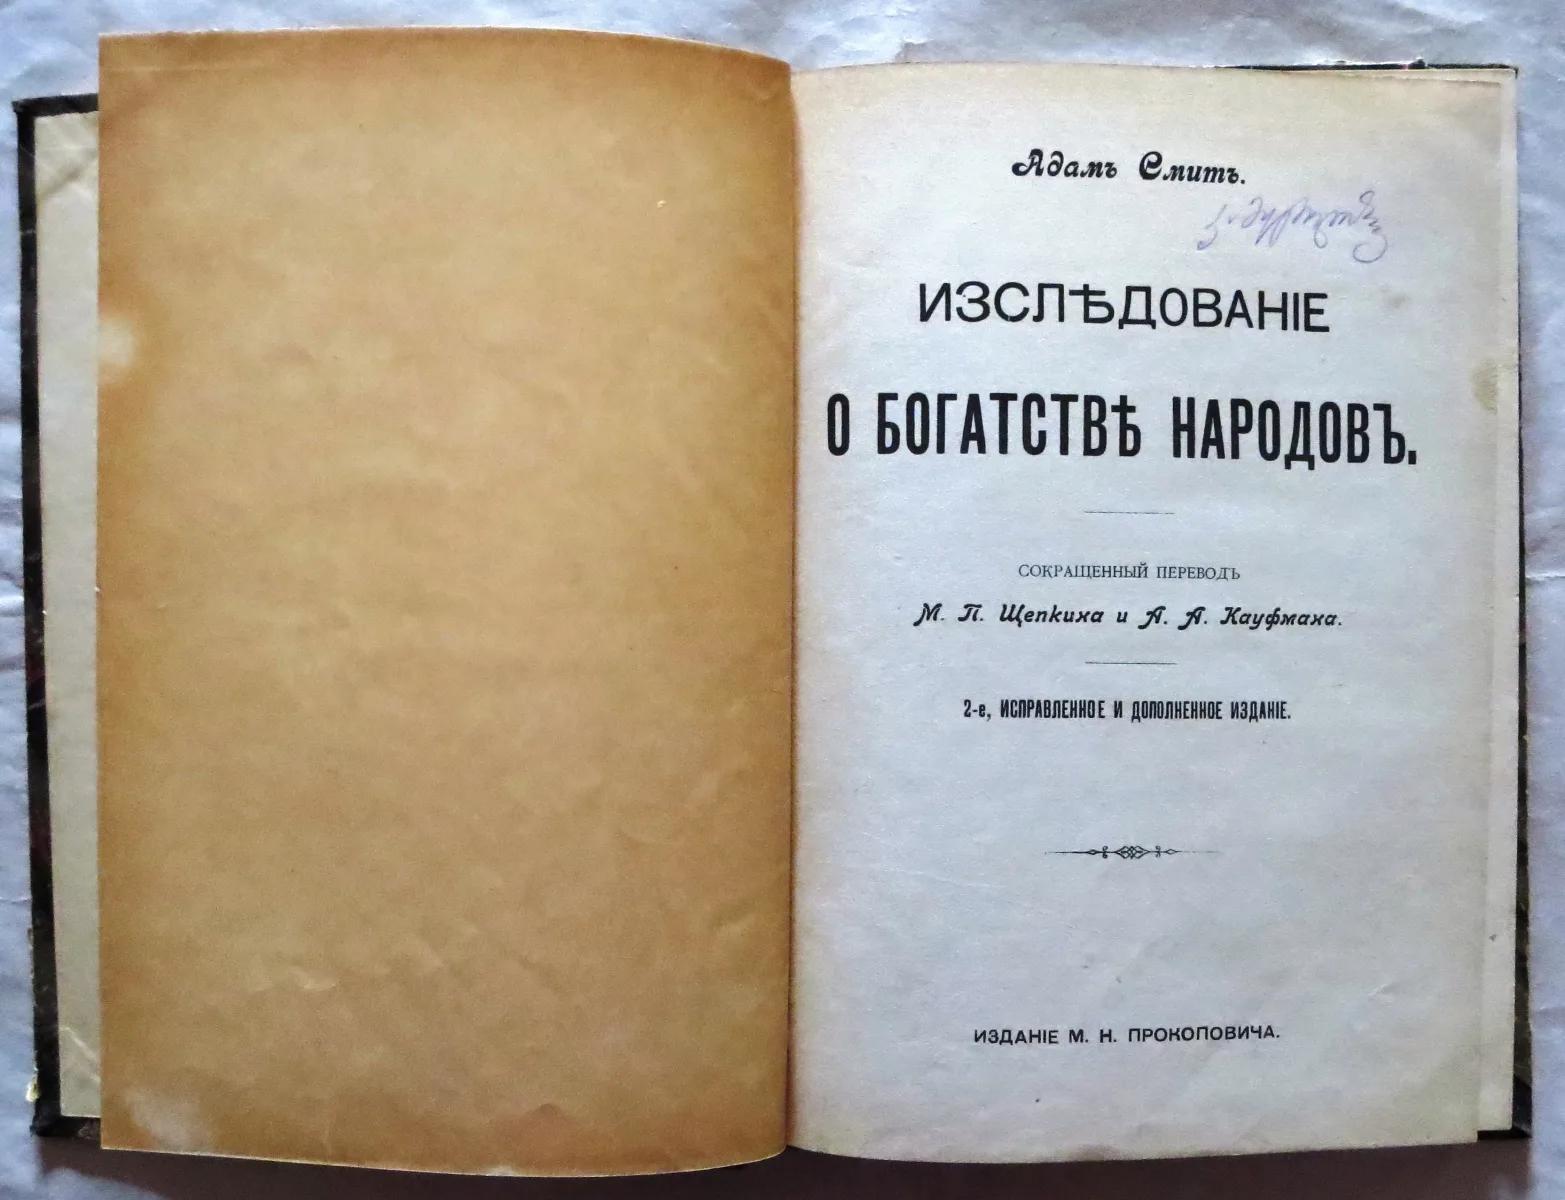 Знаменитая книга Адама Смита была переведена на множество языков, в том числе и на русский, и пользовалась большой популярностью у наших соотечественников (о чем писал Пушкин).